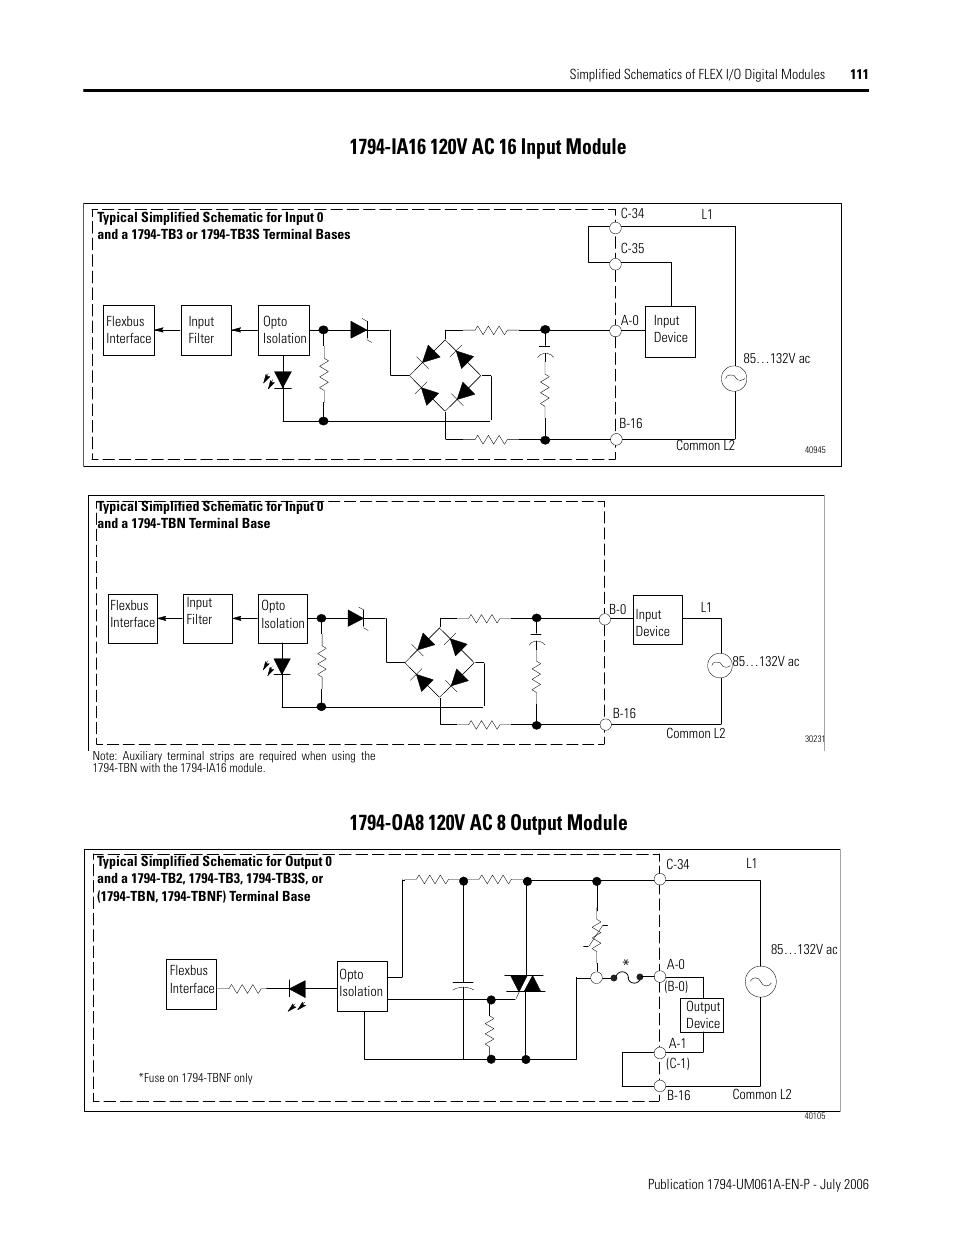 1794 ia16 120v ac 16 input module, 1794 oa8 120v ac 8 output module 1794 -OW8 Wiring 1794 ia16 120v ac 16 input module, 1794 oa8 120v ac 8 output module rockwell automation 1794 ob16d flex i o diagnostic modules user manual user manual